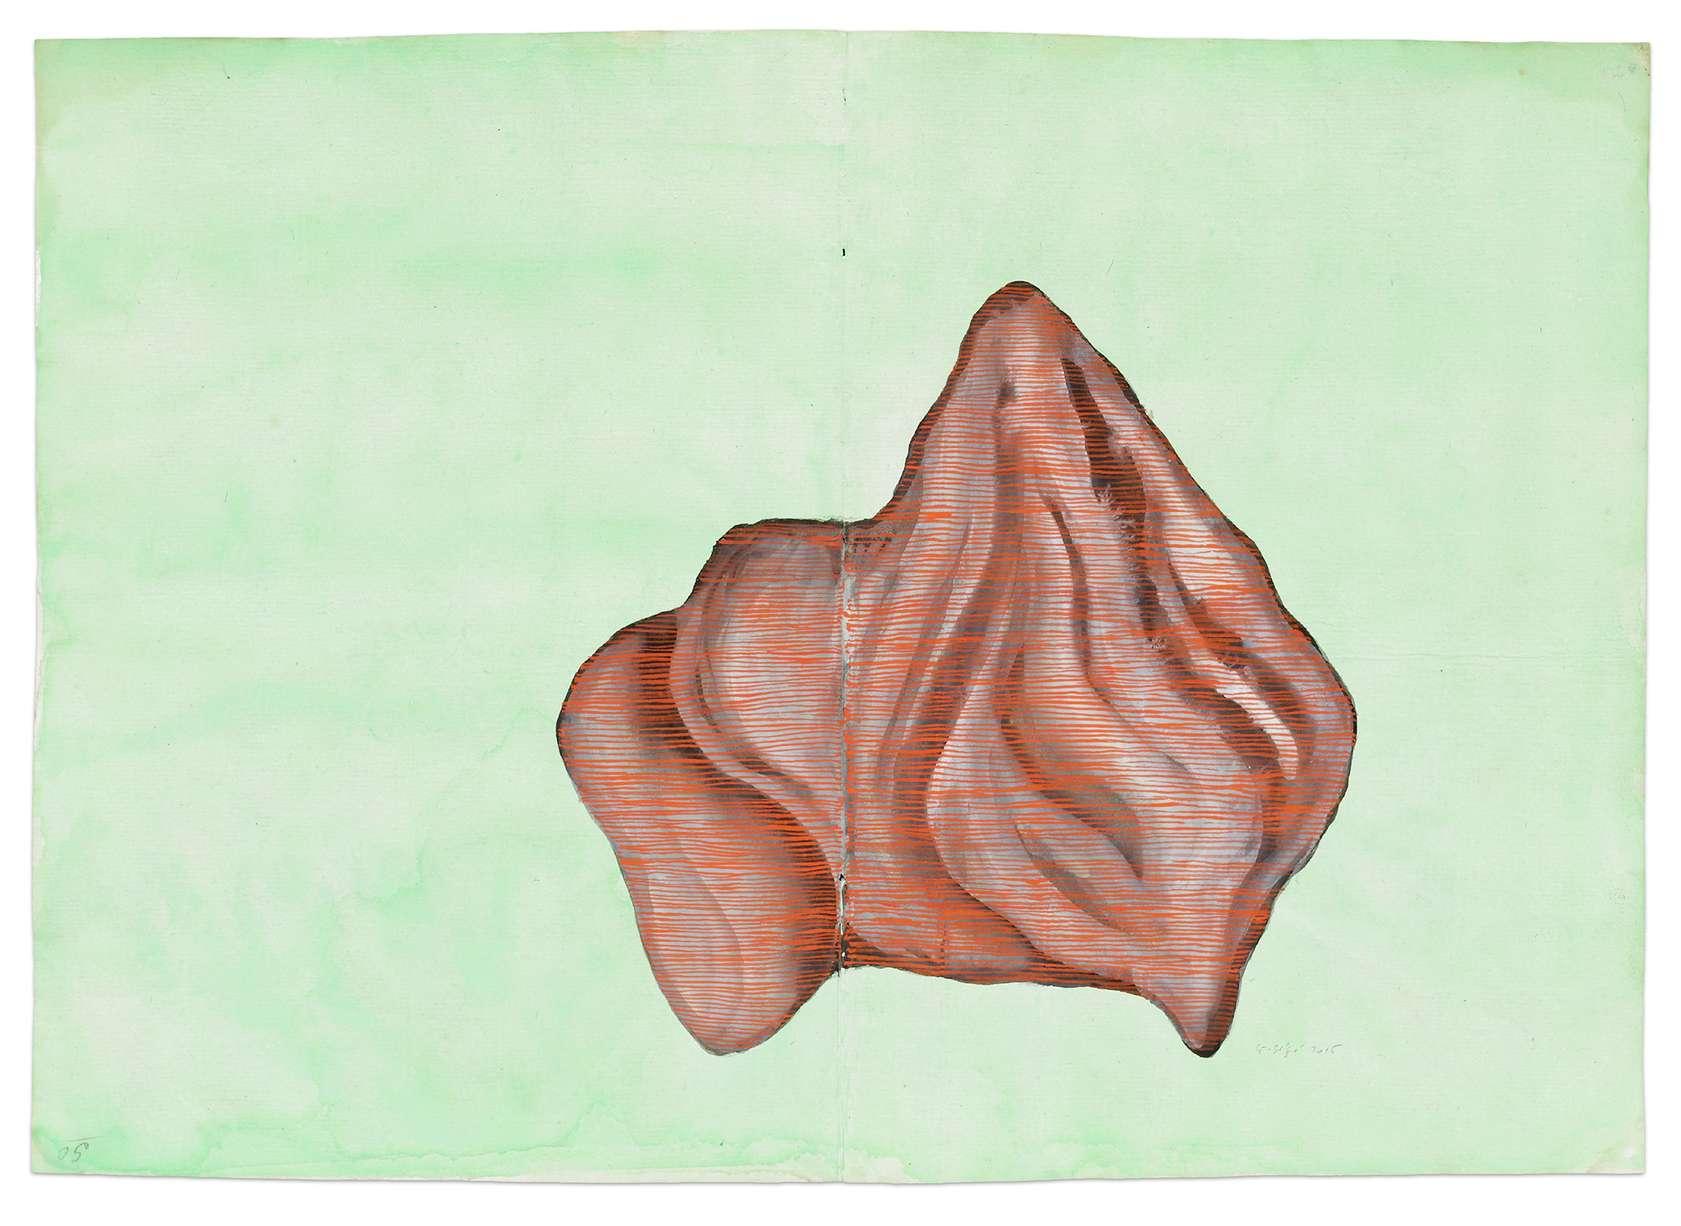 Guillaume Dégé, Sans titre, 2015 Gouache sur papier XVIIIe25.9 × 36.8 cm / 10 2/8 × 14 1/2 in. | 43.5 × 54.5 × 2.5 cm / 17 1/8 × 21 1/2 × 1  in. (encadré/framed)